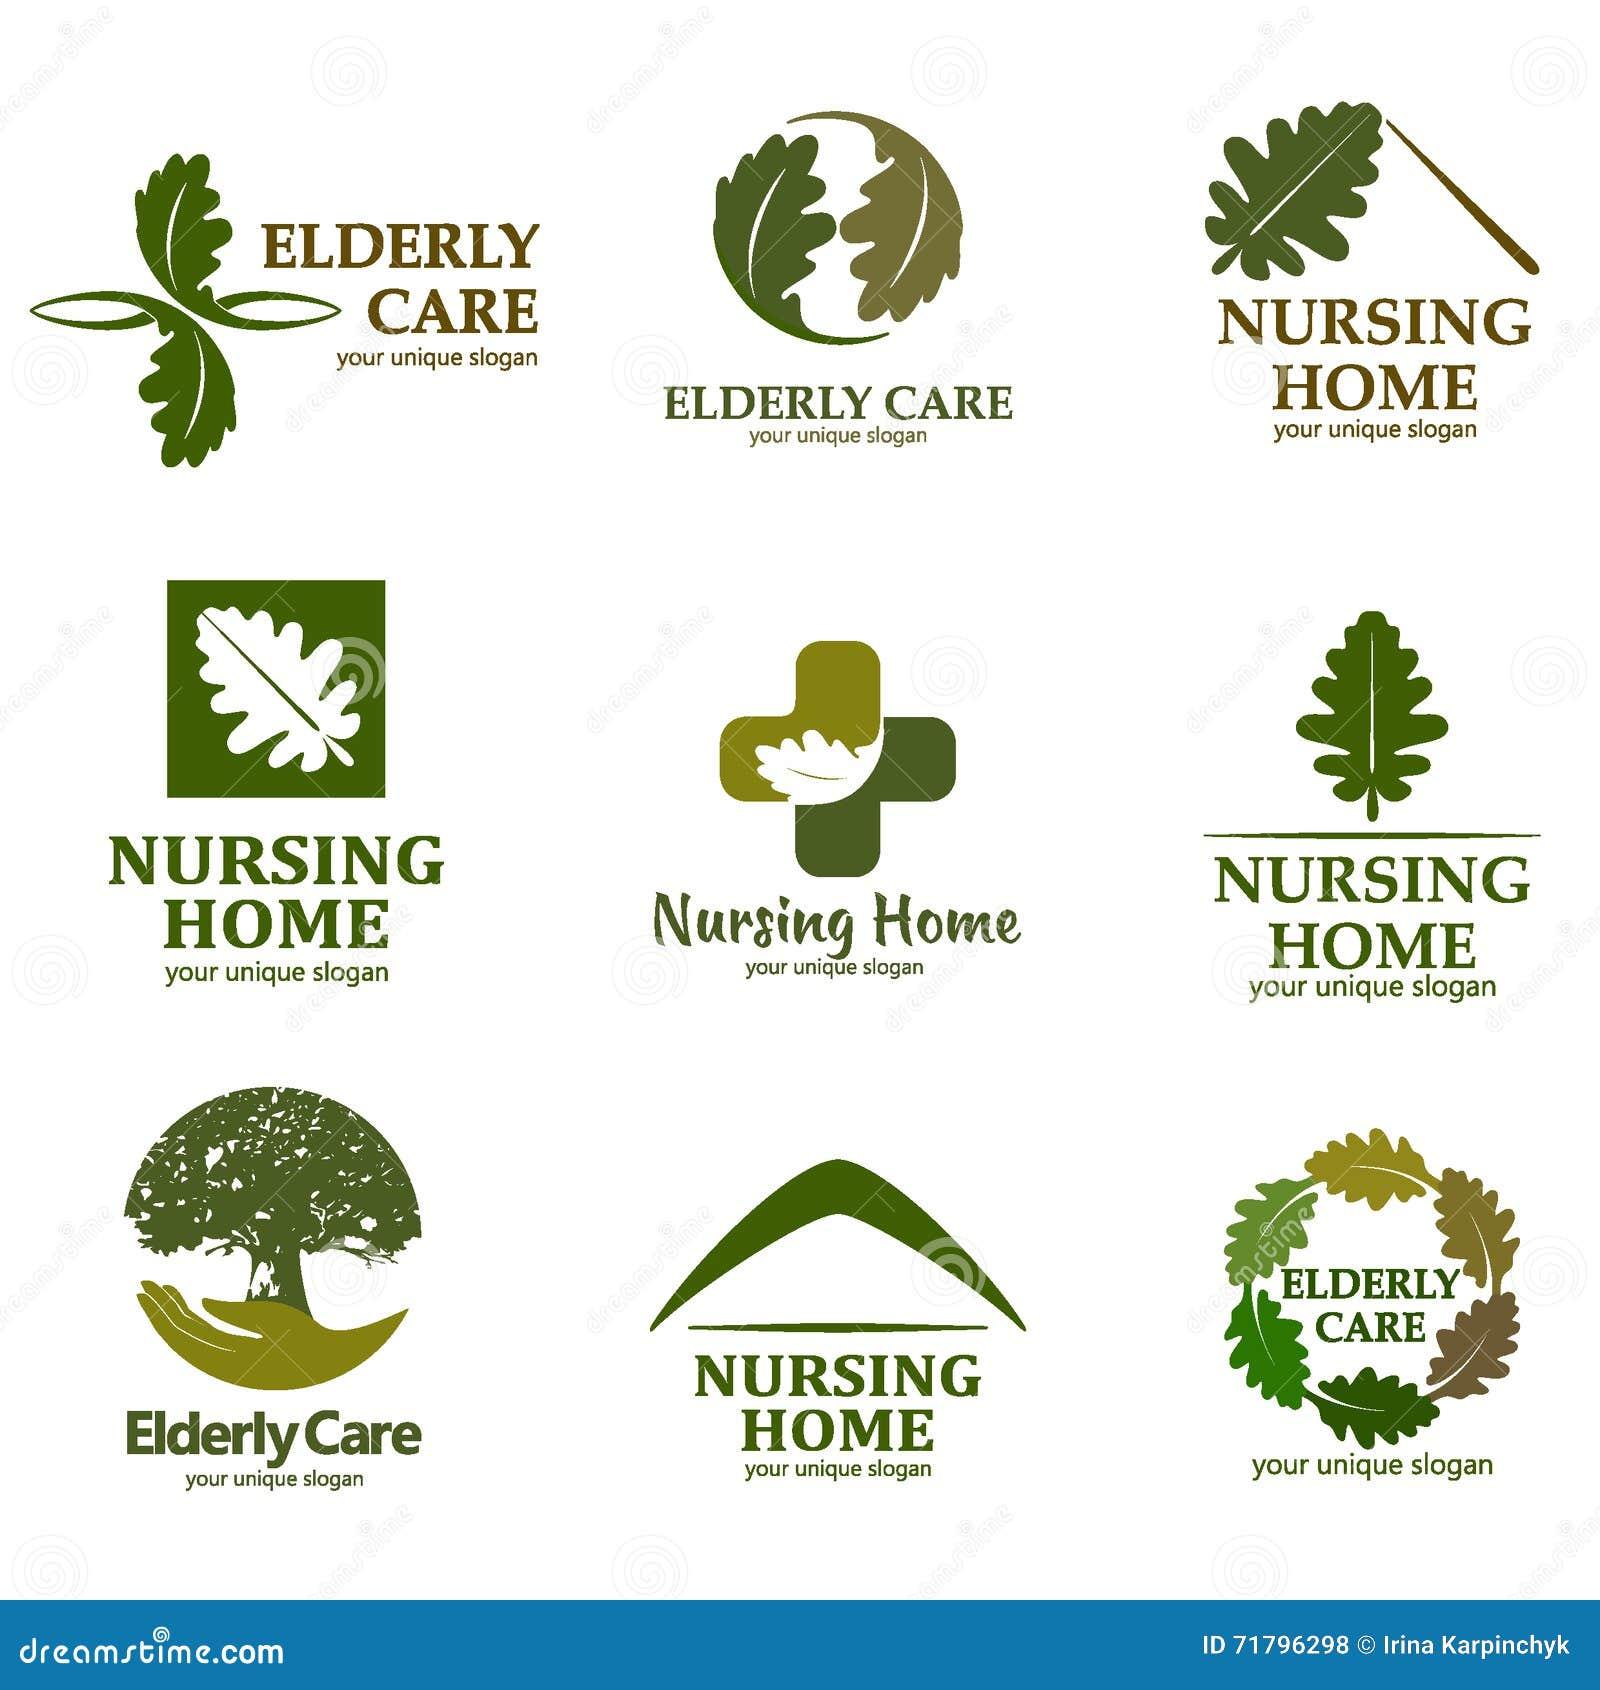 Эмблема для дома престарелых кировский дом-интернат для престарелых и инвалидов когкусо